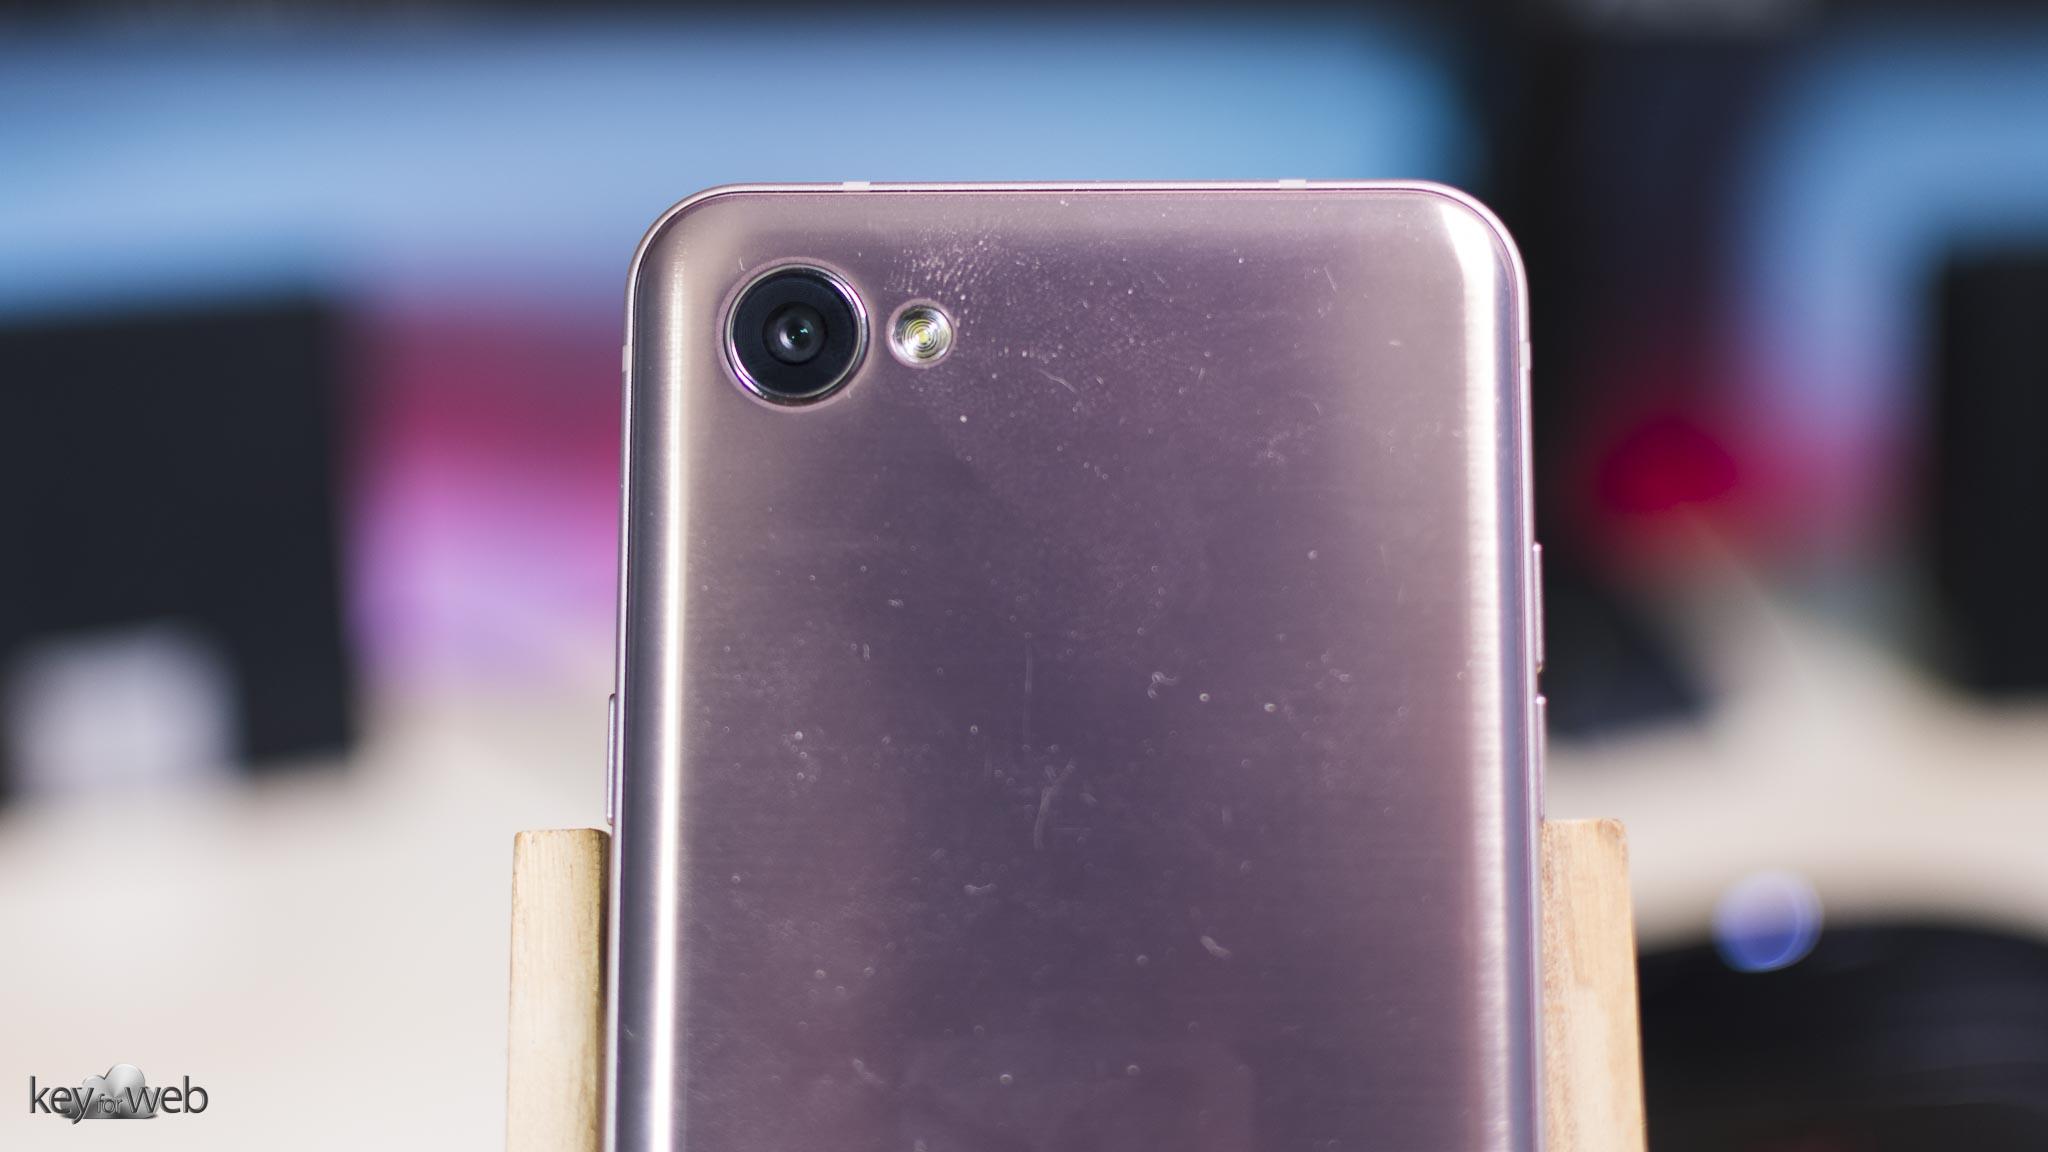 LG Q6 recensione: display FullVision 18:9 sulla fascia media